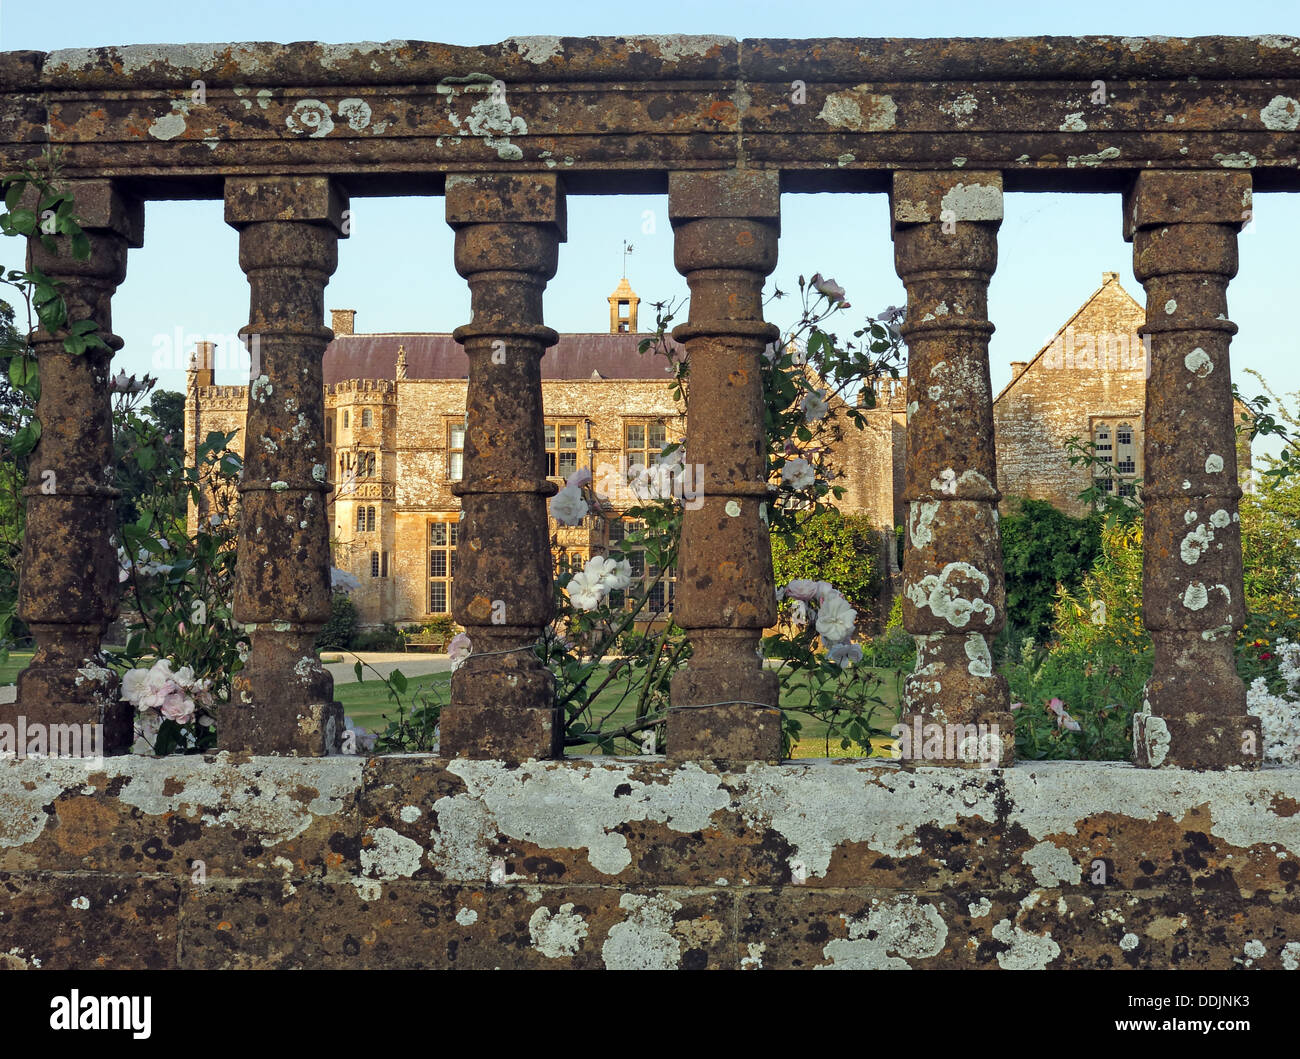 Brympton d'Evercy - Stock Image